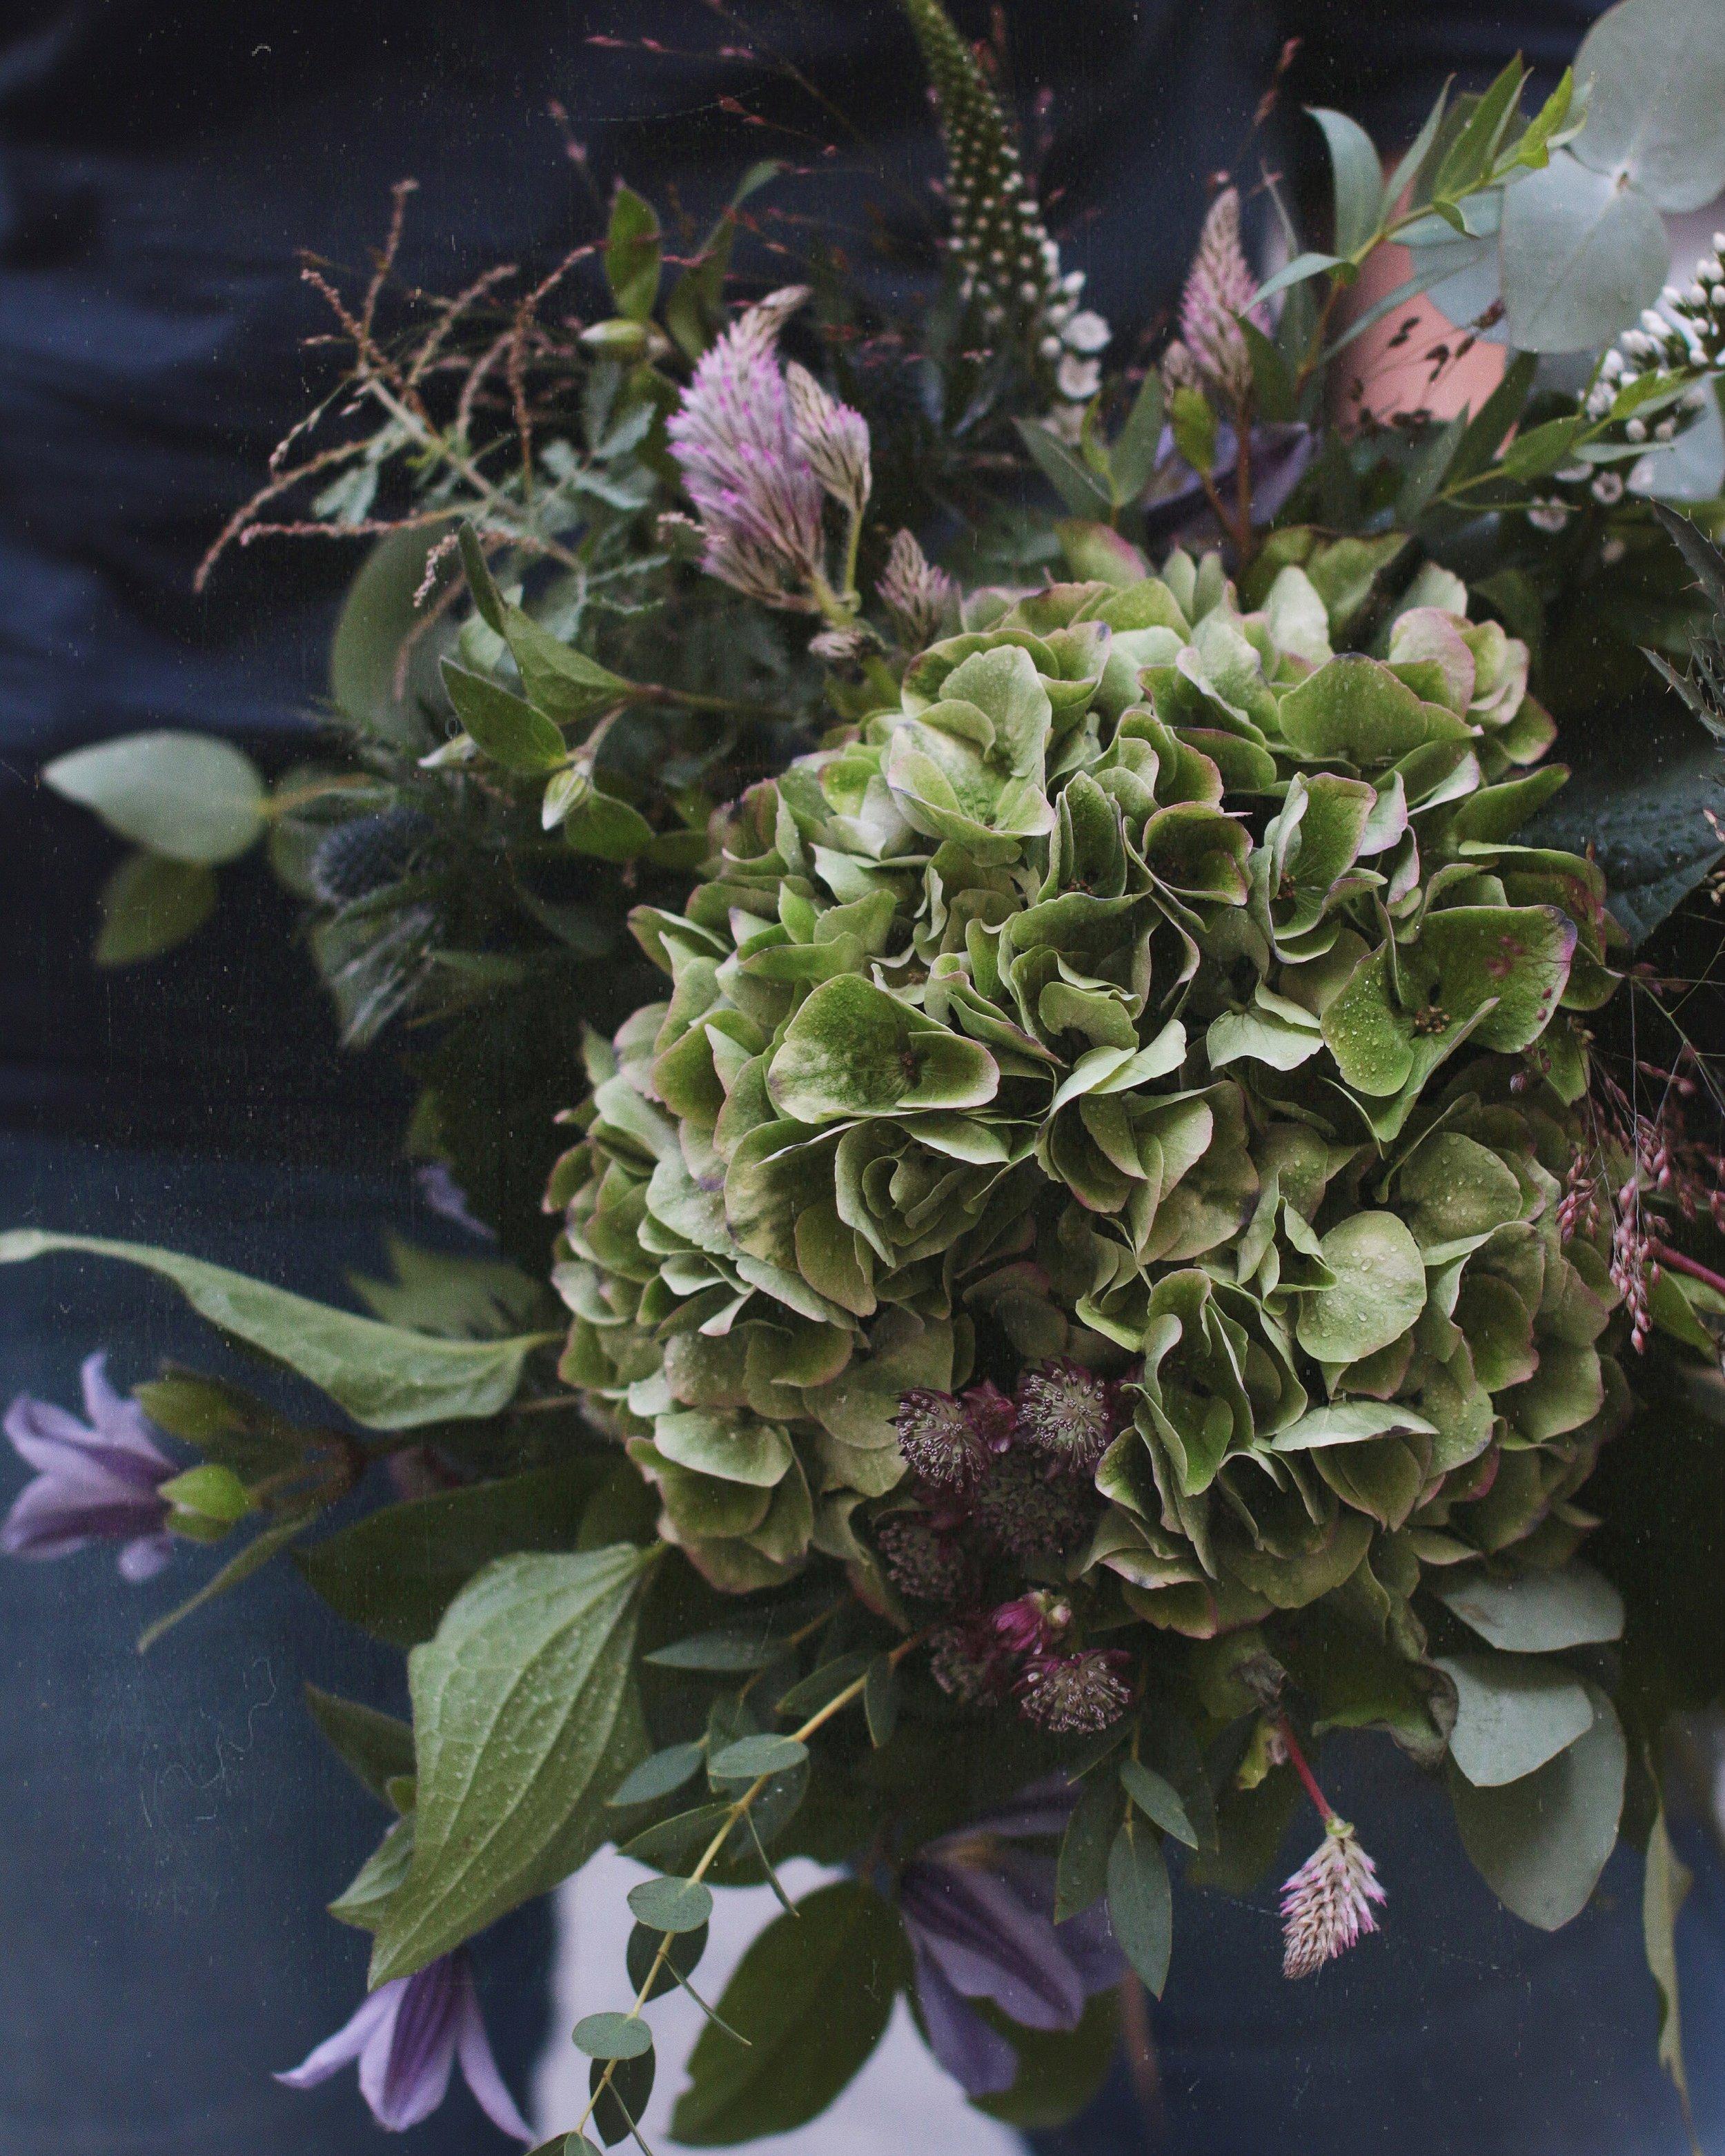 Syksyinen matala kimppu, hortensia, tähtiputki ja jalokärhö. Hydrangea, astrantia and different autumn greens